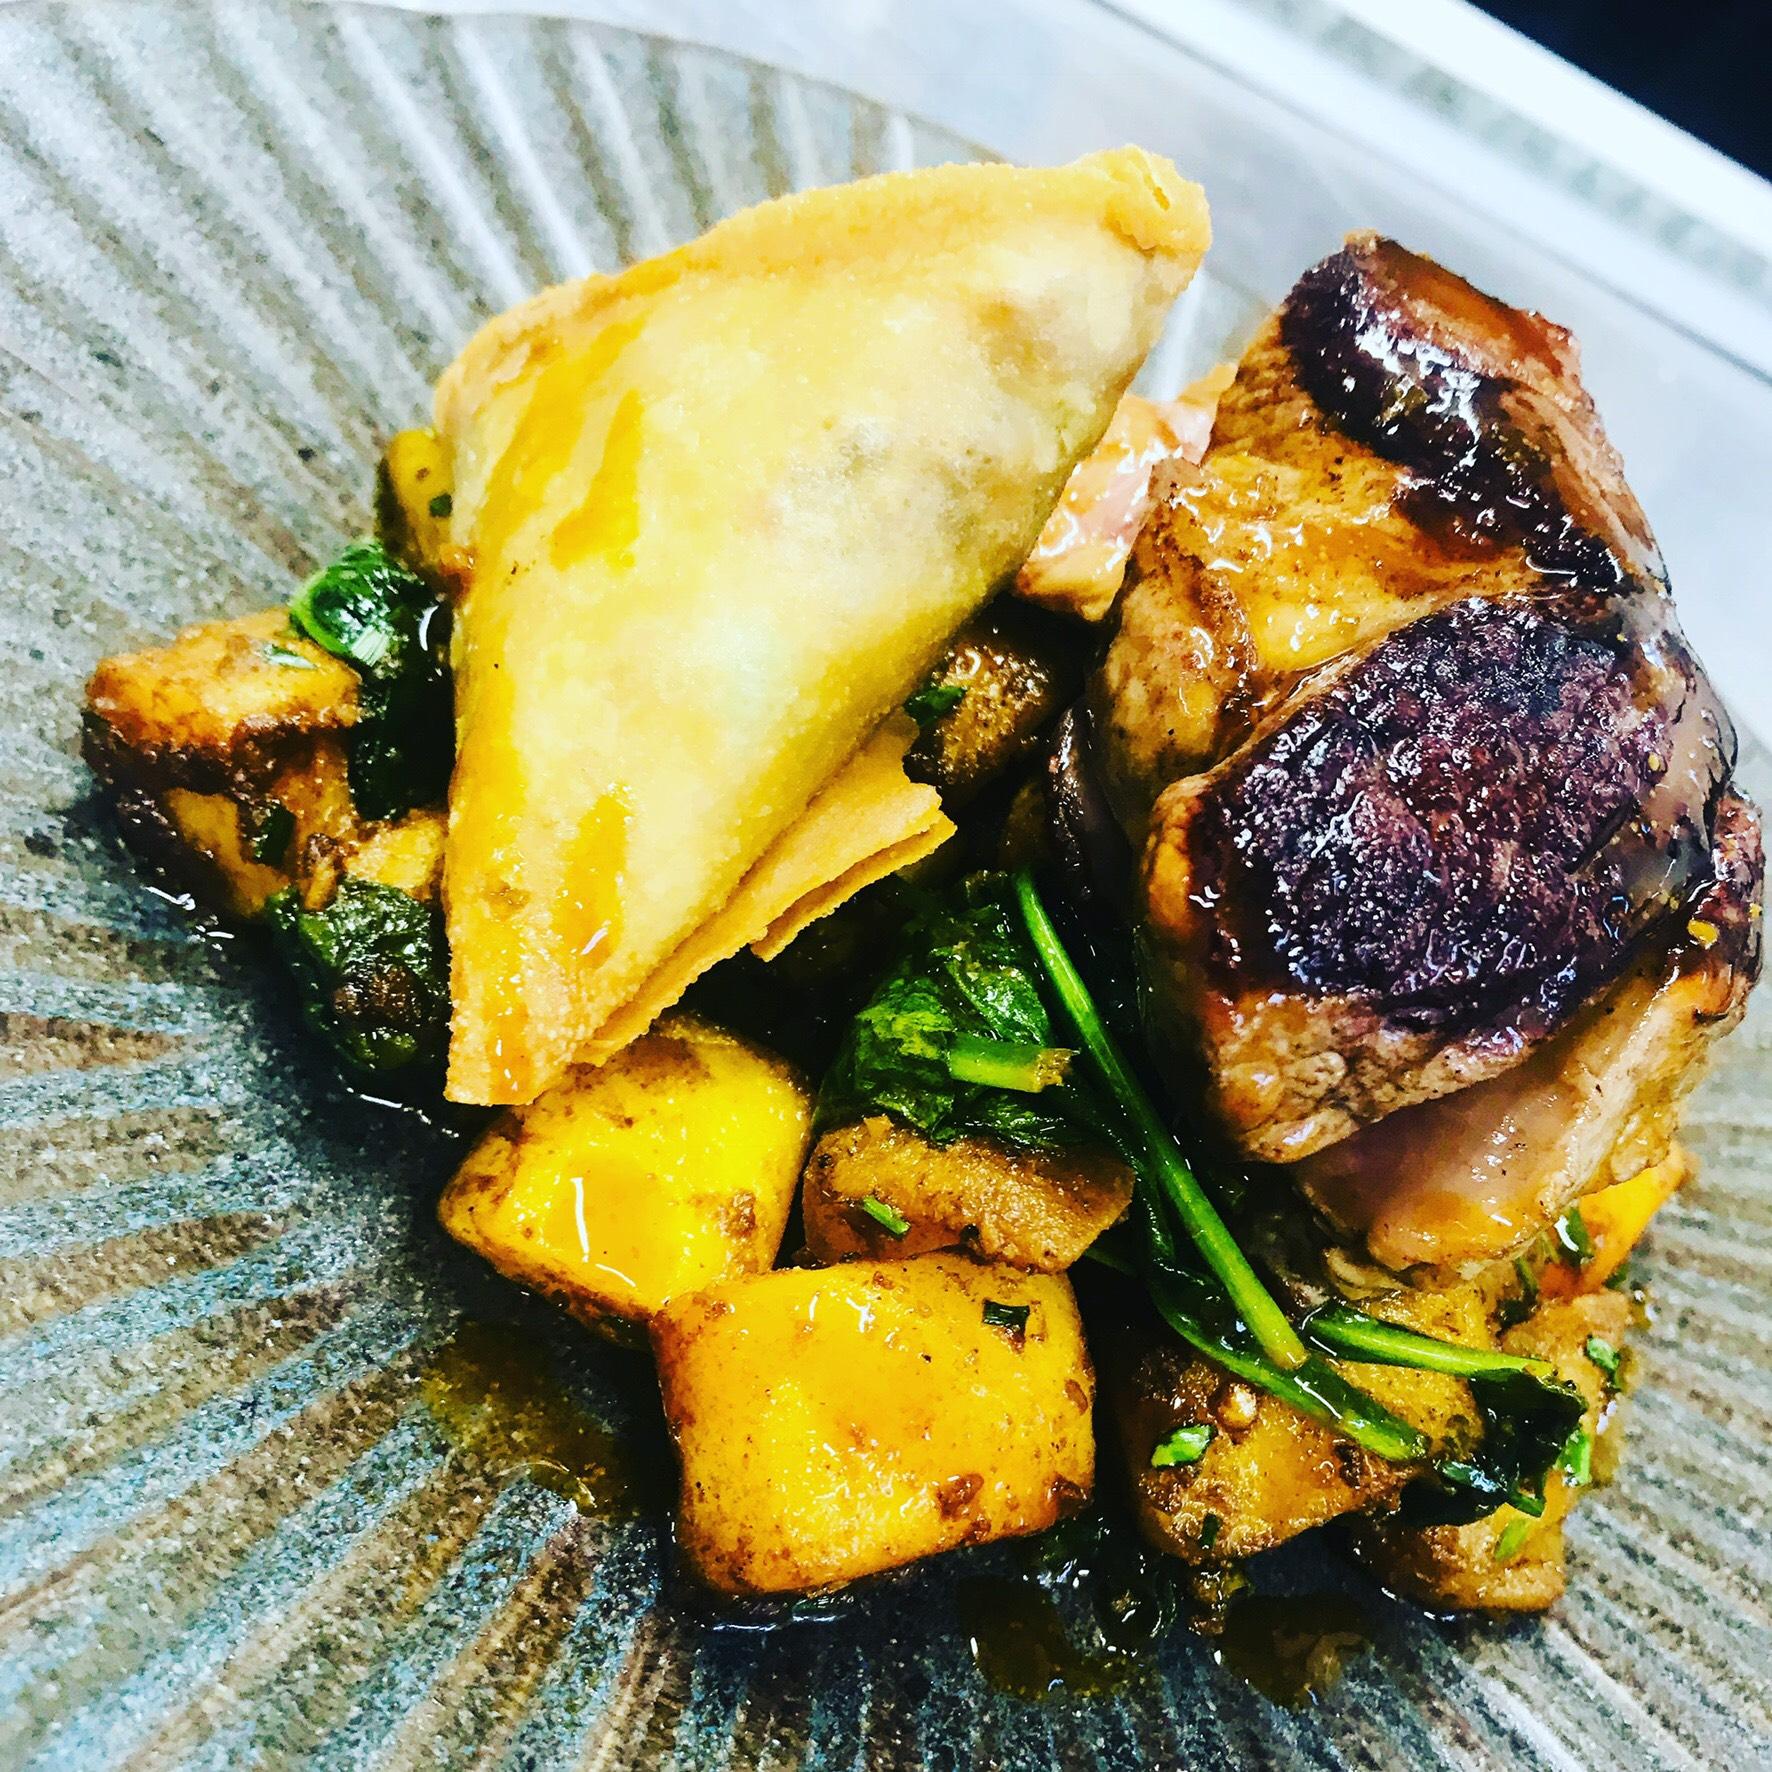 Roast on a plate